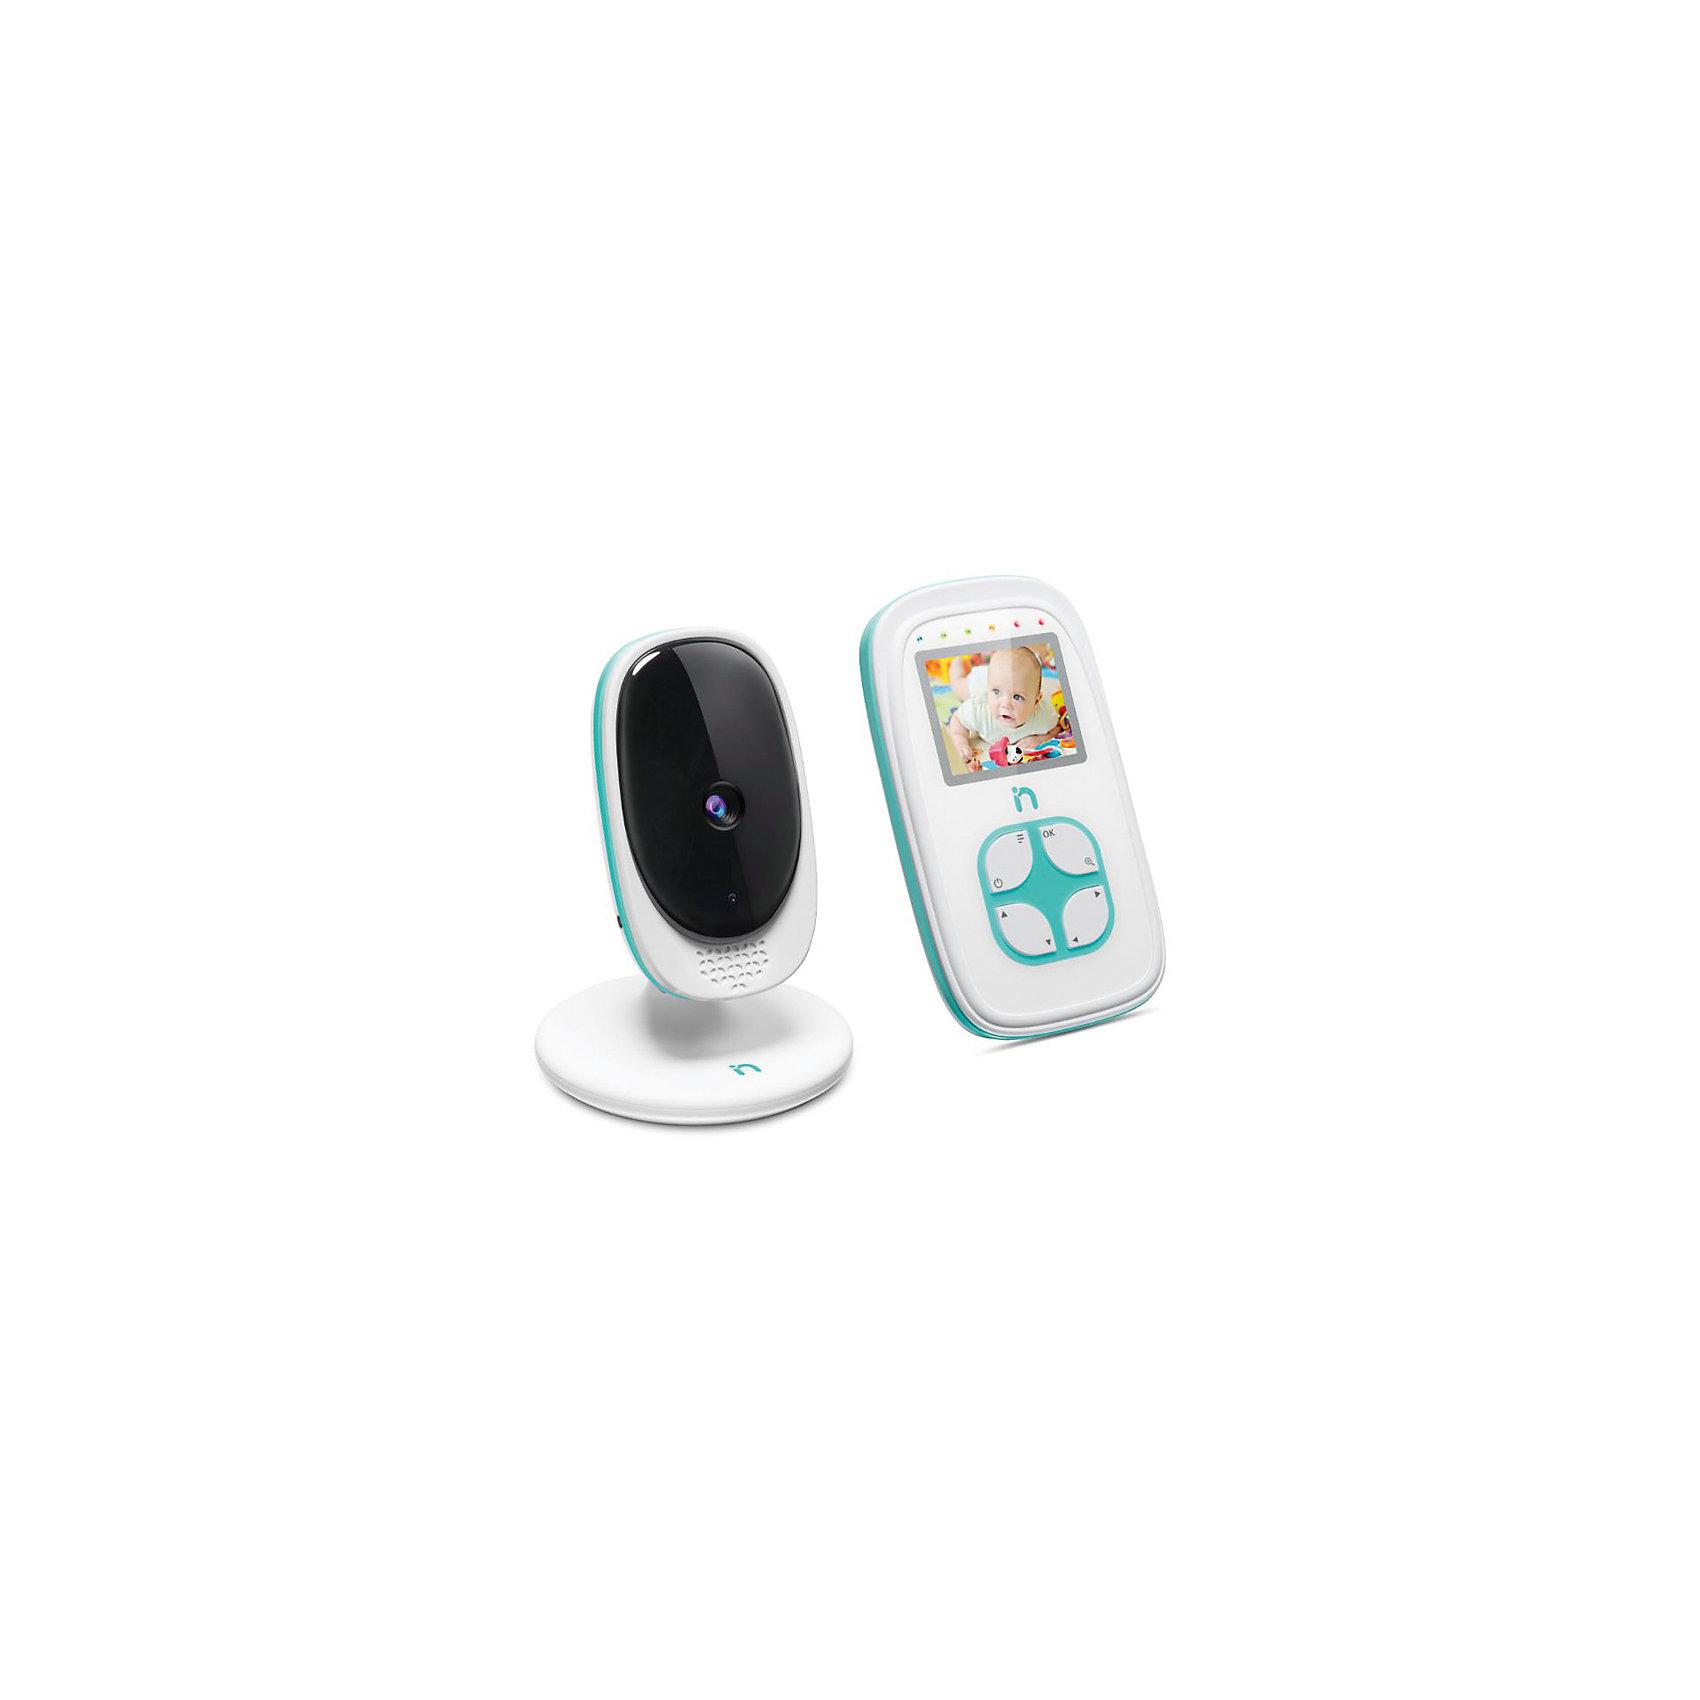 Видеоняня с LCD дисплеем 2'' iNanny, цифроваяДетская бытовая техника<br>Цветной ЖК-дисплей  2'' с разрешением 220x176 пикс. Камера может работает от батареек (до 2 часов непрерывной работы). Световой индикатор шума. Функция ночного видения. Возможность подключения до 4 камер одновременно<br>Цветная передача изображения в высоком качестве. Кристально чистый звук. Радиус действия: 300 метров<br><br>Ширина мм: 140<br>Глубина мм: 220<br>Высота мм: 100<br>Вес г: 558<br>Возраст от месяцев: 0<br>Возраст до месяцев: 24<br>Пол: Унисекс<br>Возраст: Детский<br>SKU: 6875626